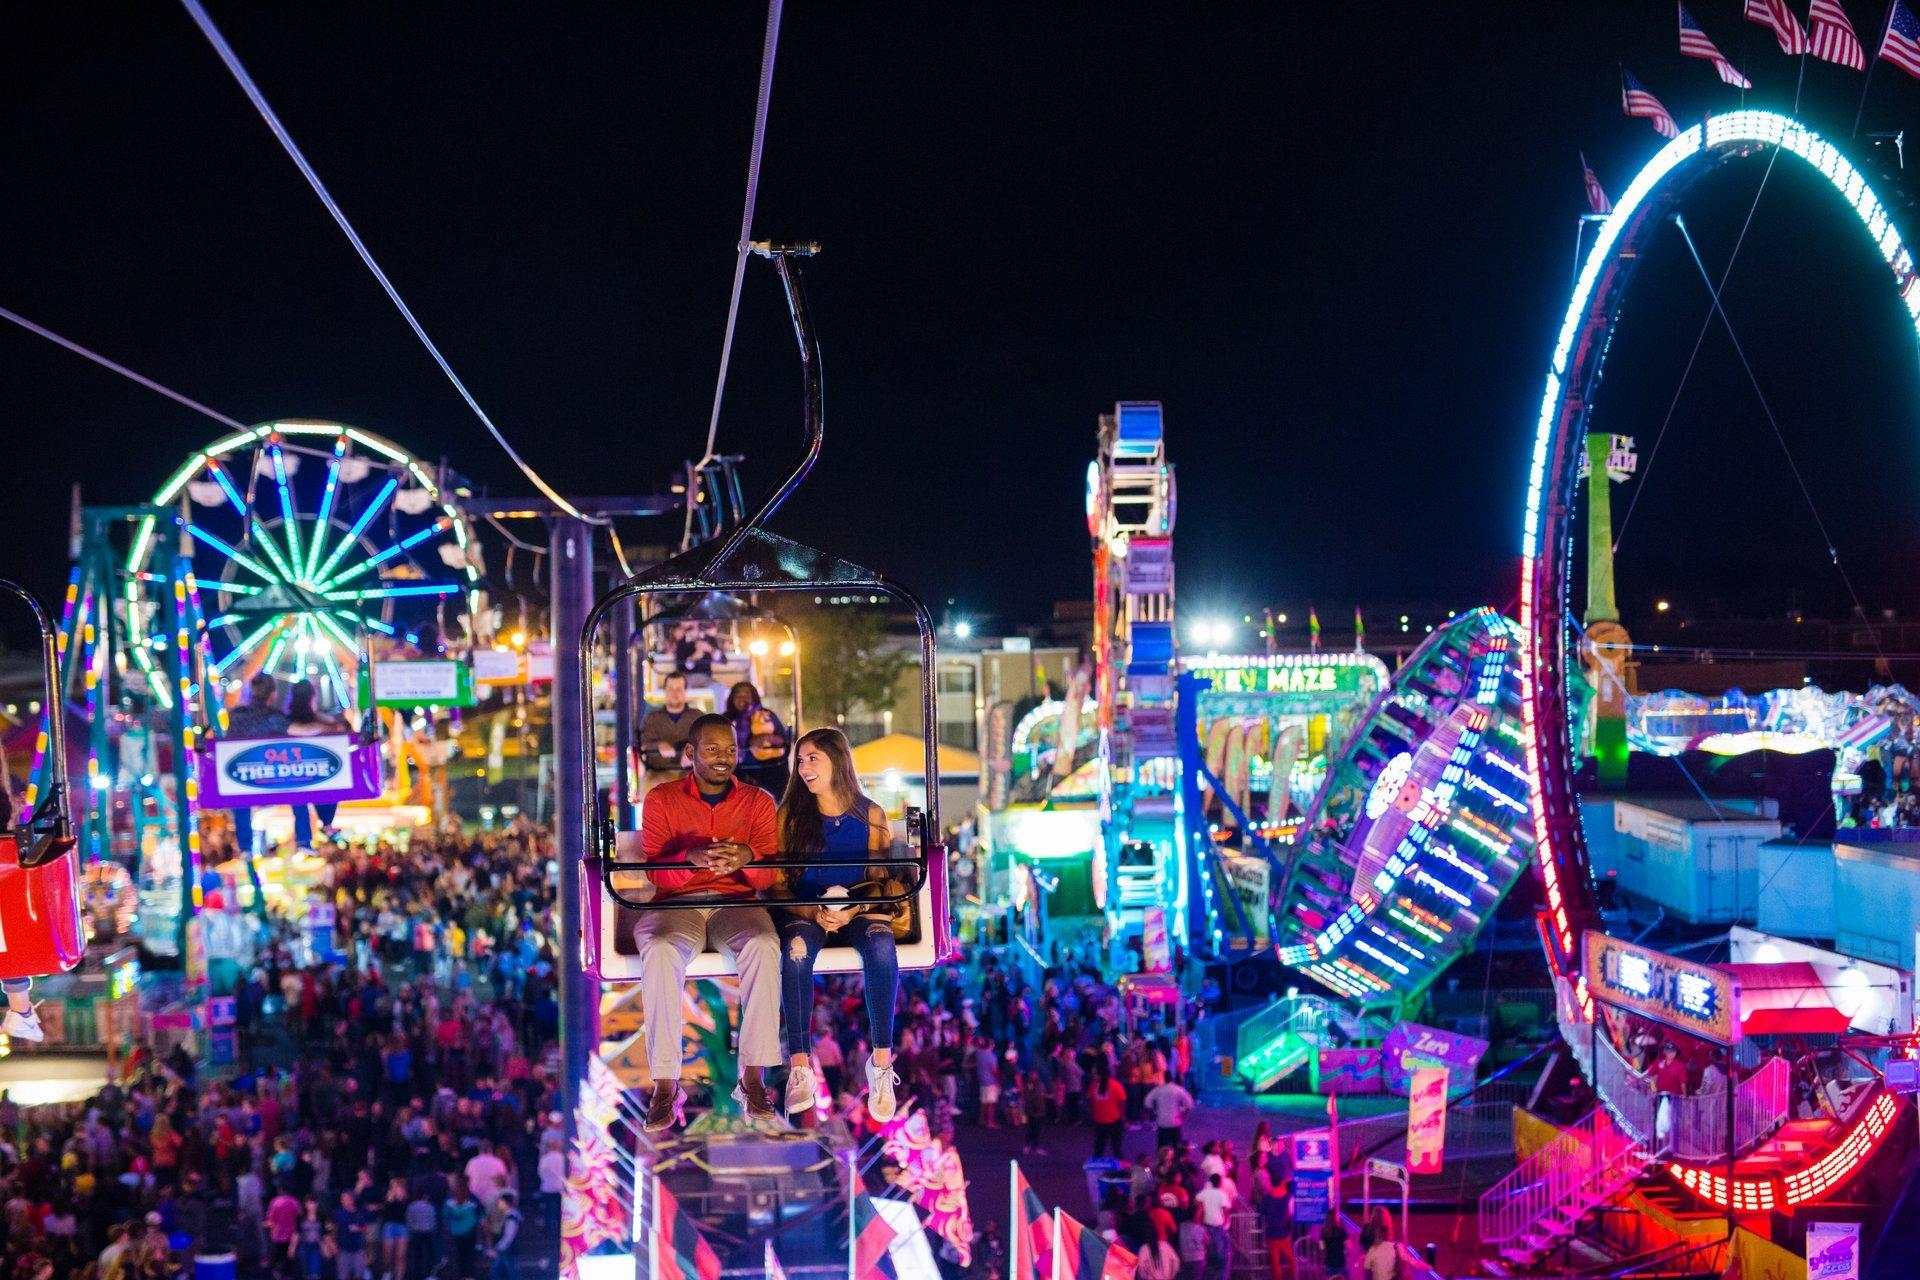 South Carolina State Fair in South Carolina 2020 - Best Time